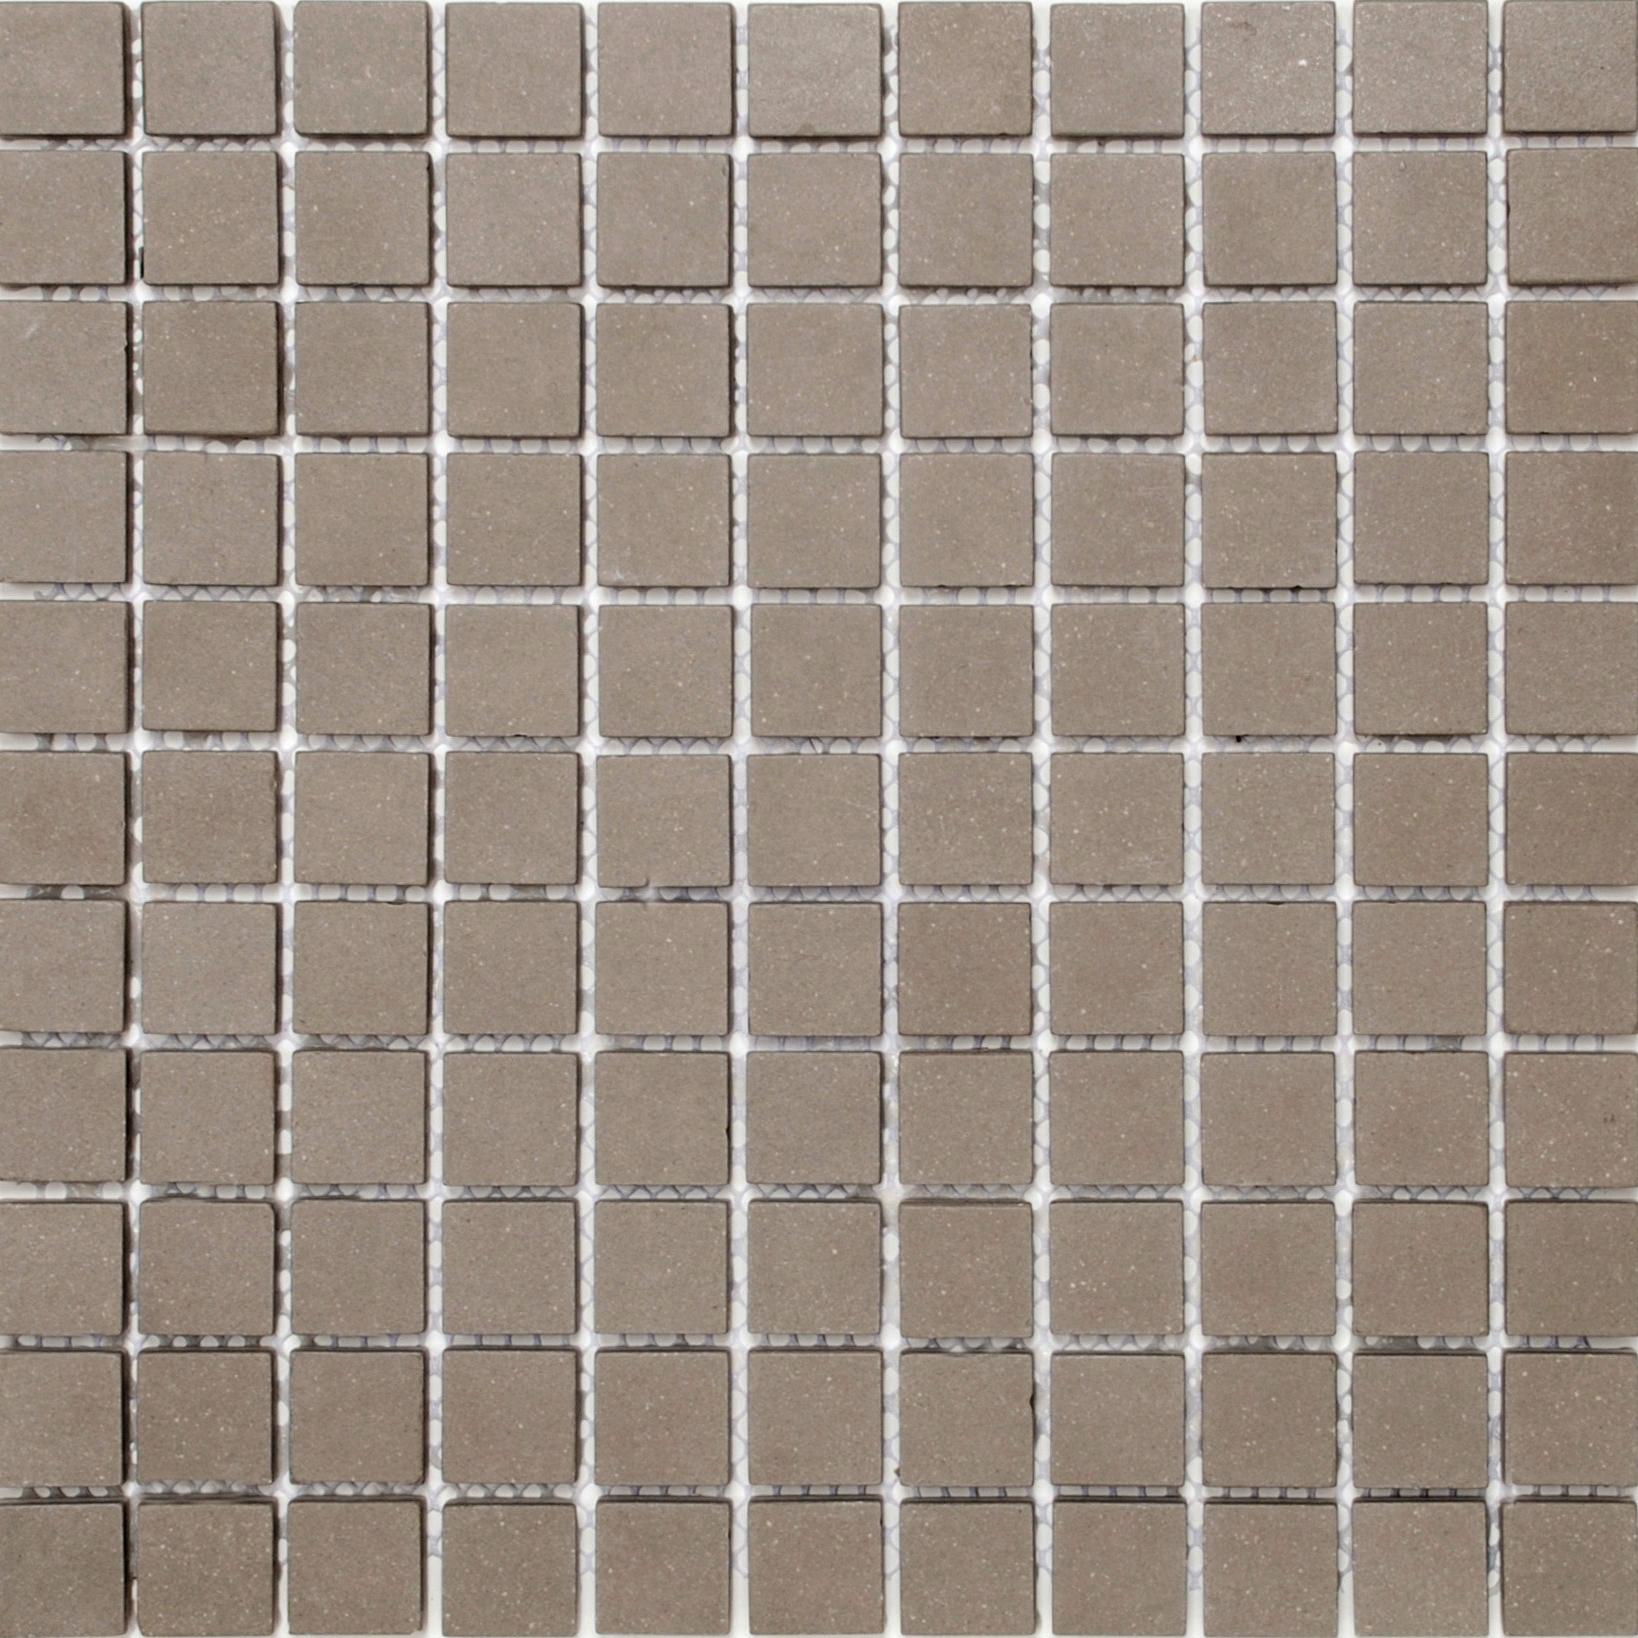 Klinker Arredo Natural Cement Mosaic Matt 3×3 cm